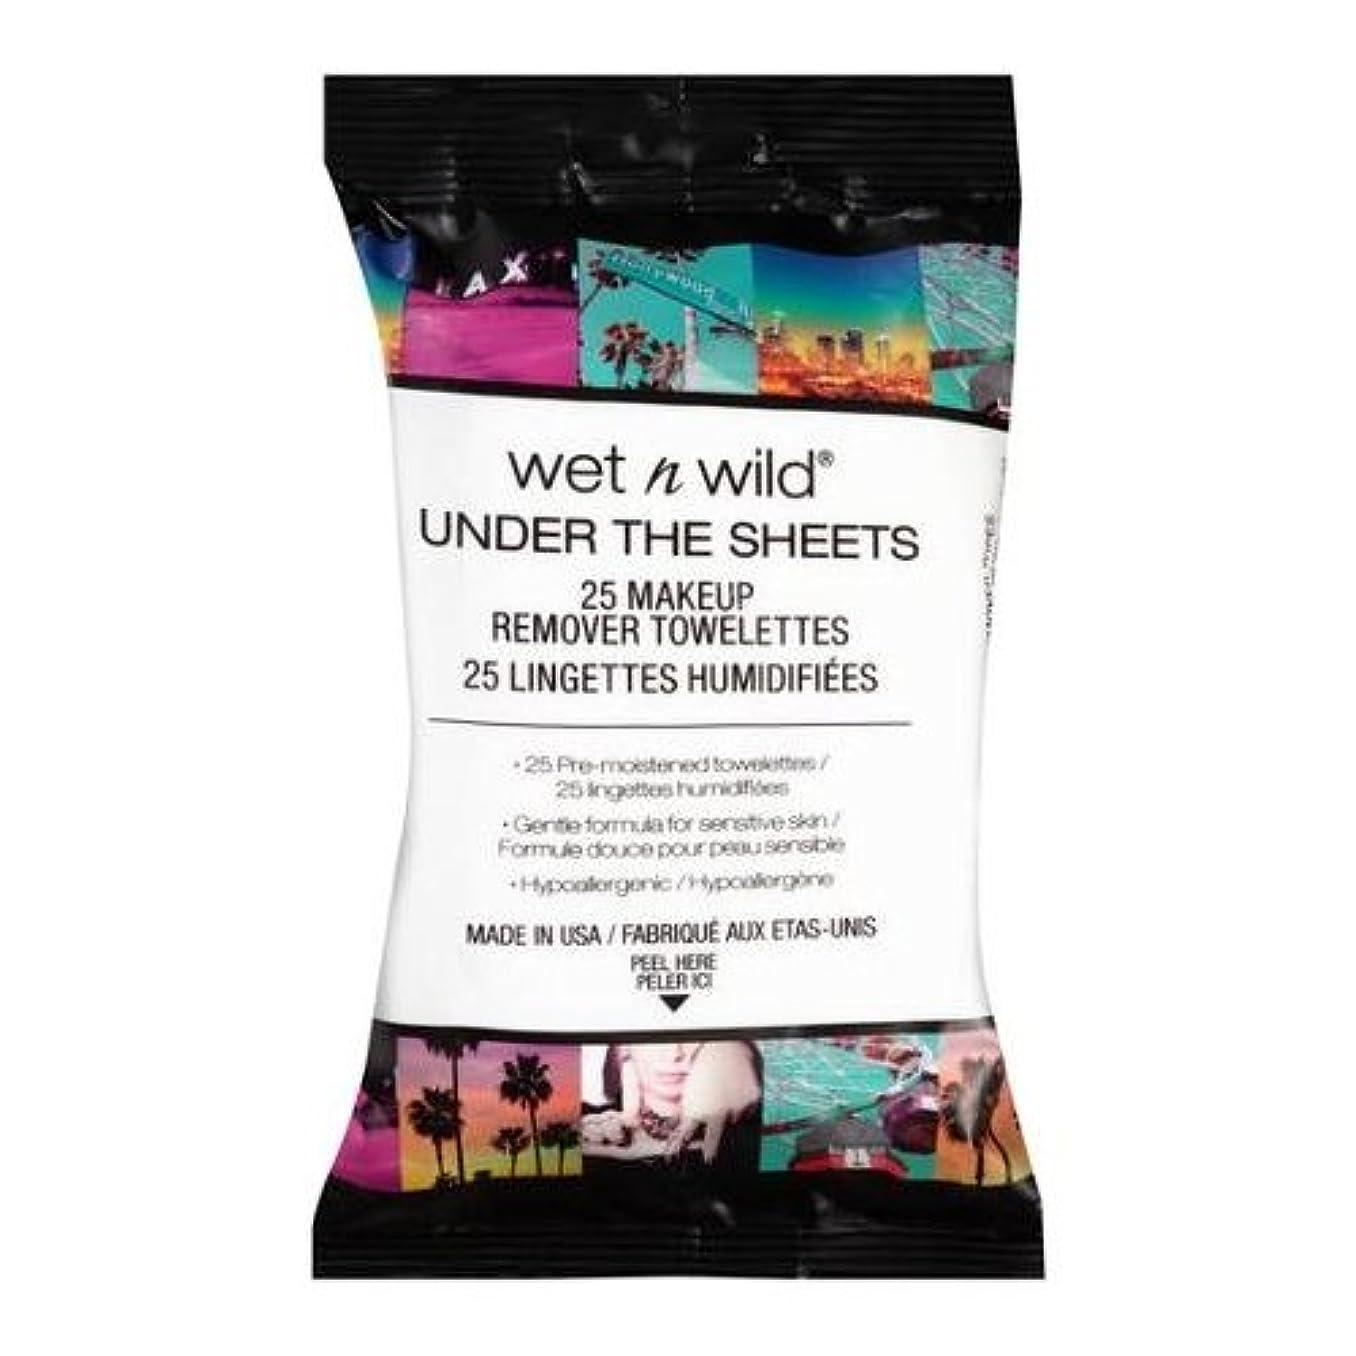 吸収剤複合宿る(6 Pack) WET N WILD Under the Sheets Makeup Remover Wipes - 25 Towelettes (並行輸入品)